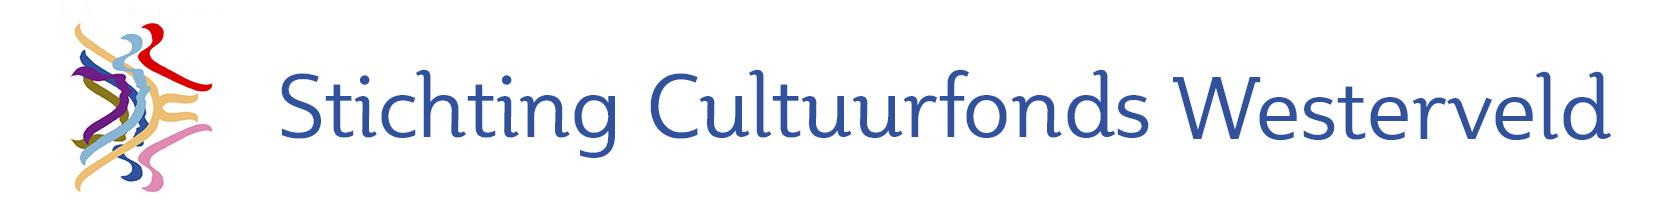 Stichting cultuurfonds Westerveld